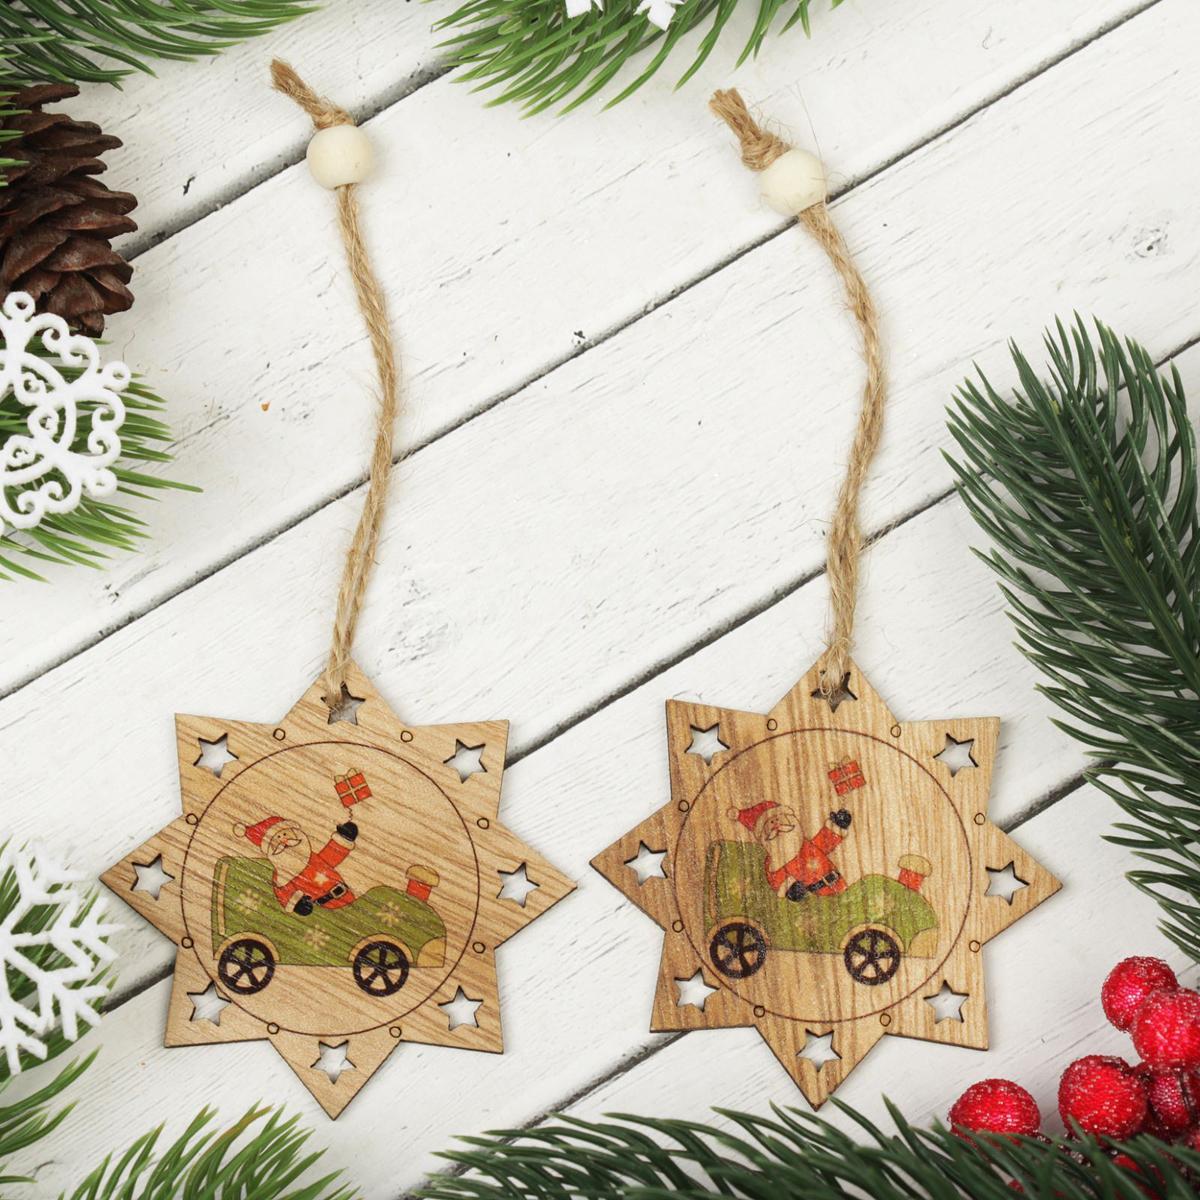 Украшение новогоднее подвесное К нам едет Дед Мороз, 2 шт2303272Набор новогодних подвесных украшений, выполненных из дерева, отлично подойдет для декорации вашего дома и новогодней ели. С помощью специальной петельки украшение можно повесить в любом понравившемся вам месте. Но, конечно, удачнее всего оно будет смотреться на праздничной елке.Елочная игрушка - символ Нового года. Она несет в себе волшебство и красоту праздника. Такое украшение создаст в вашем доме атмосферу праздника, веселья и радости. В комплекте 2 украшения.